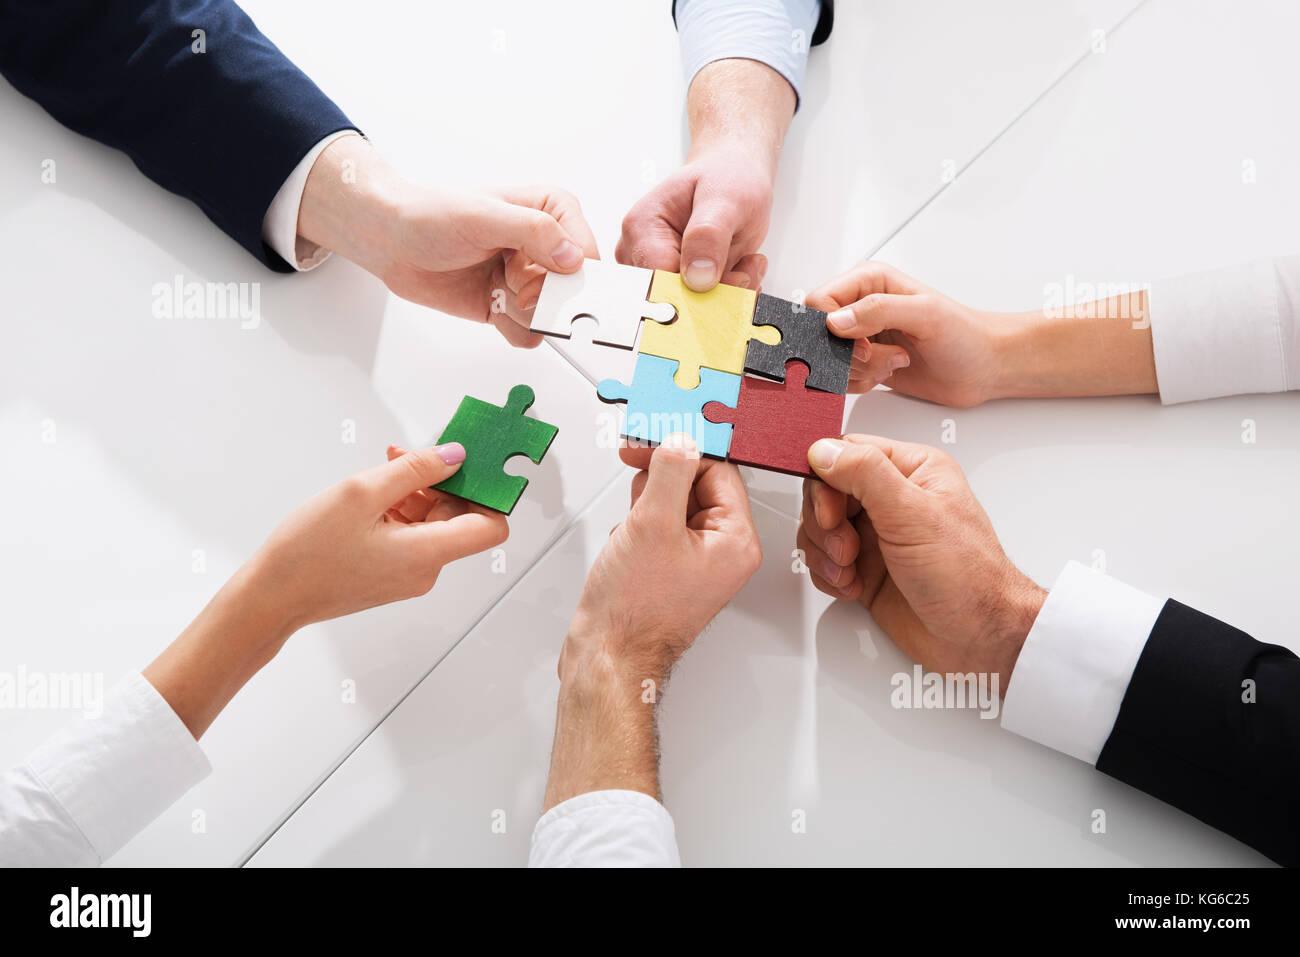 Die Zusammenarbeit von Partnern. Konzept der Integration und Inbetriebnahme mit Puzzleteile Stockbild